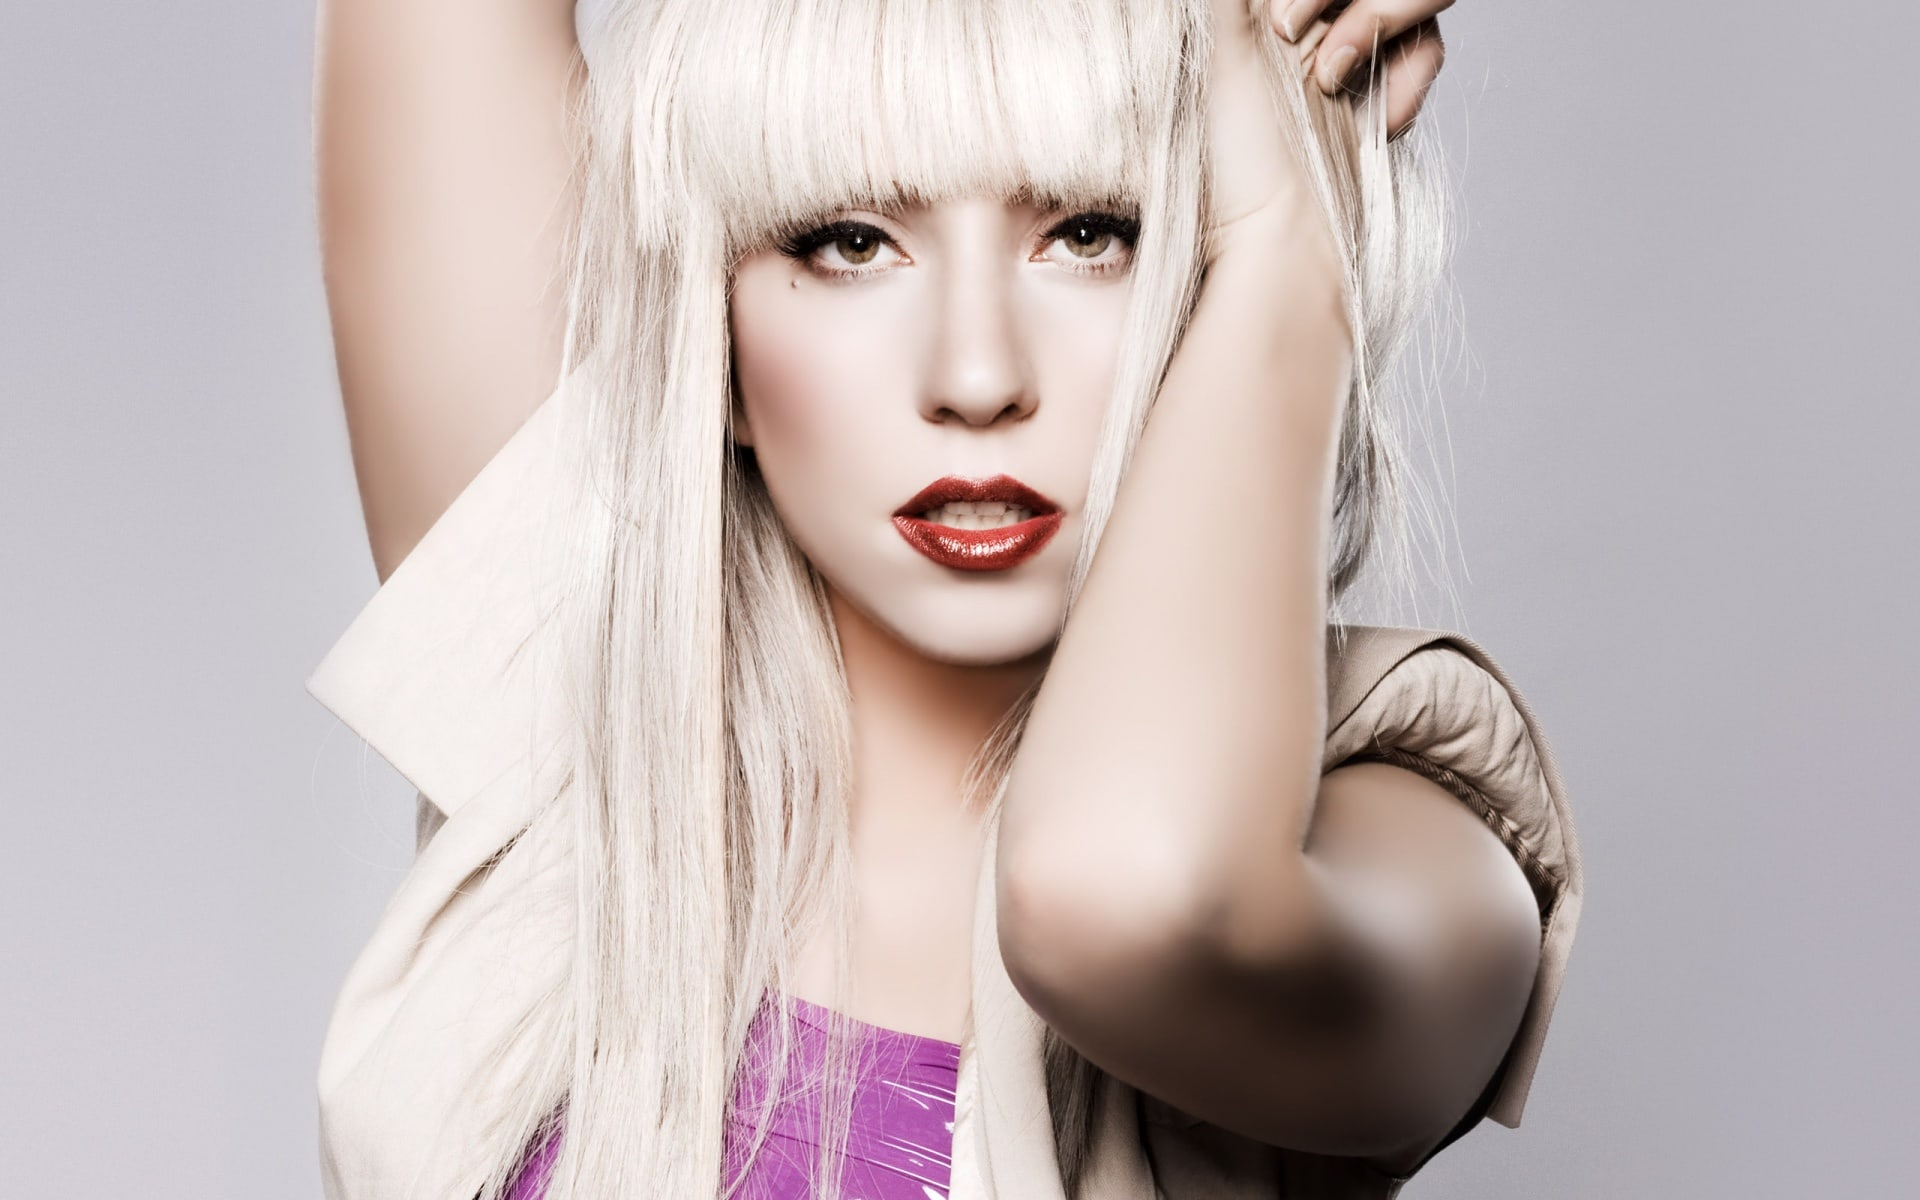 Se filtran unas imágenes de Lady Gaga sin maquillaje